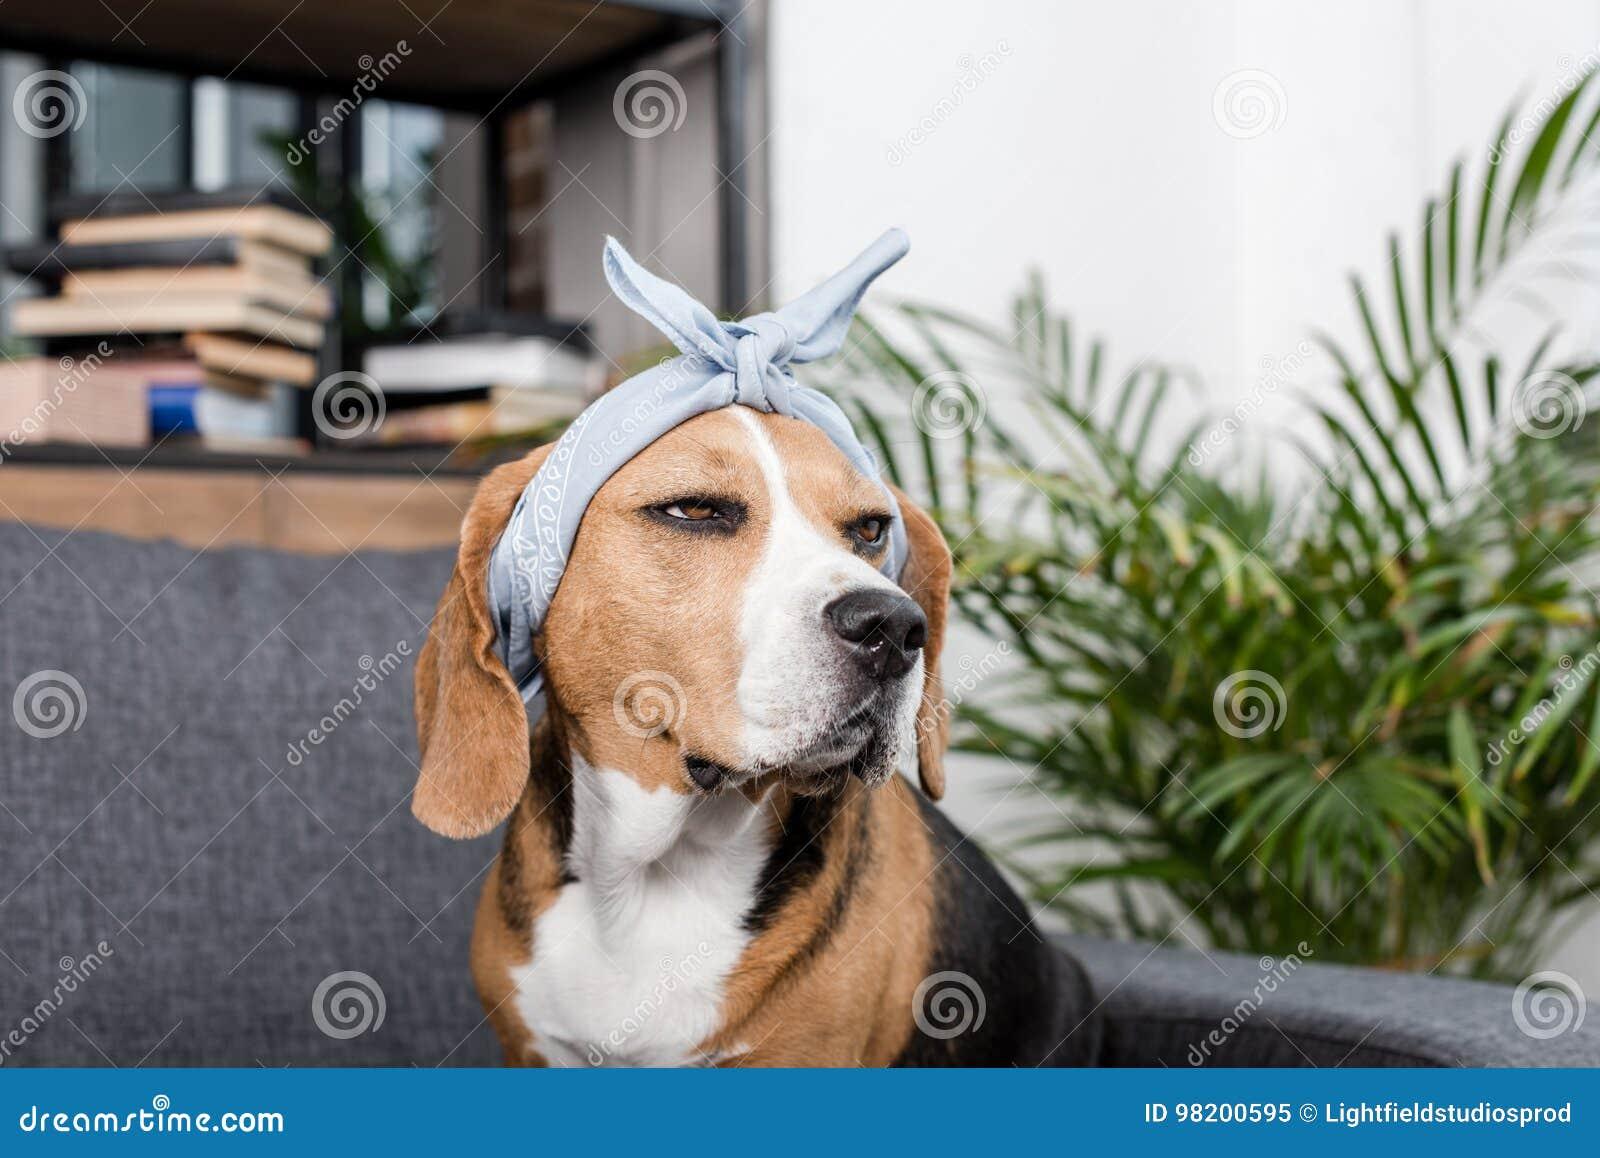 Download Собака бигля в сером Bandana сидя на софе Стоковое Изображение - изображение насчитывающей блестящий, разведенными: 98200595